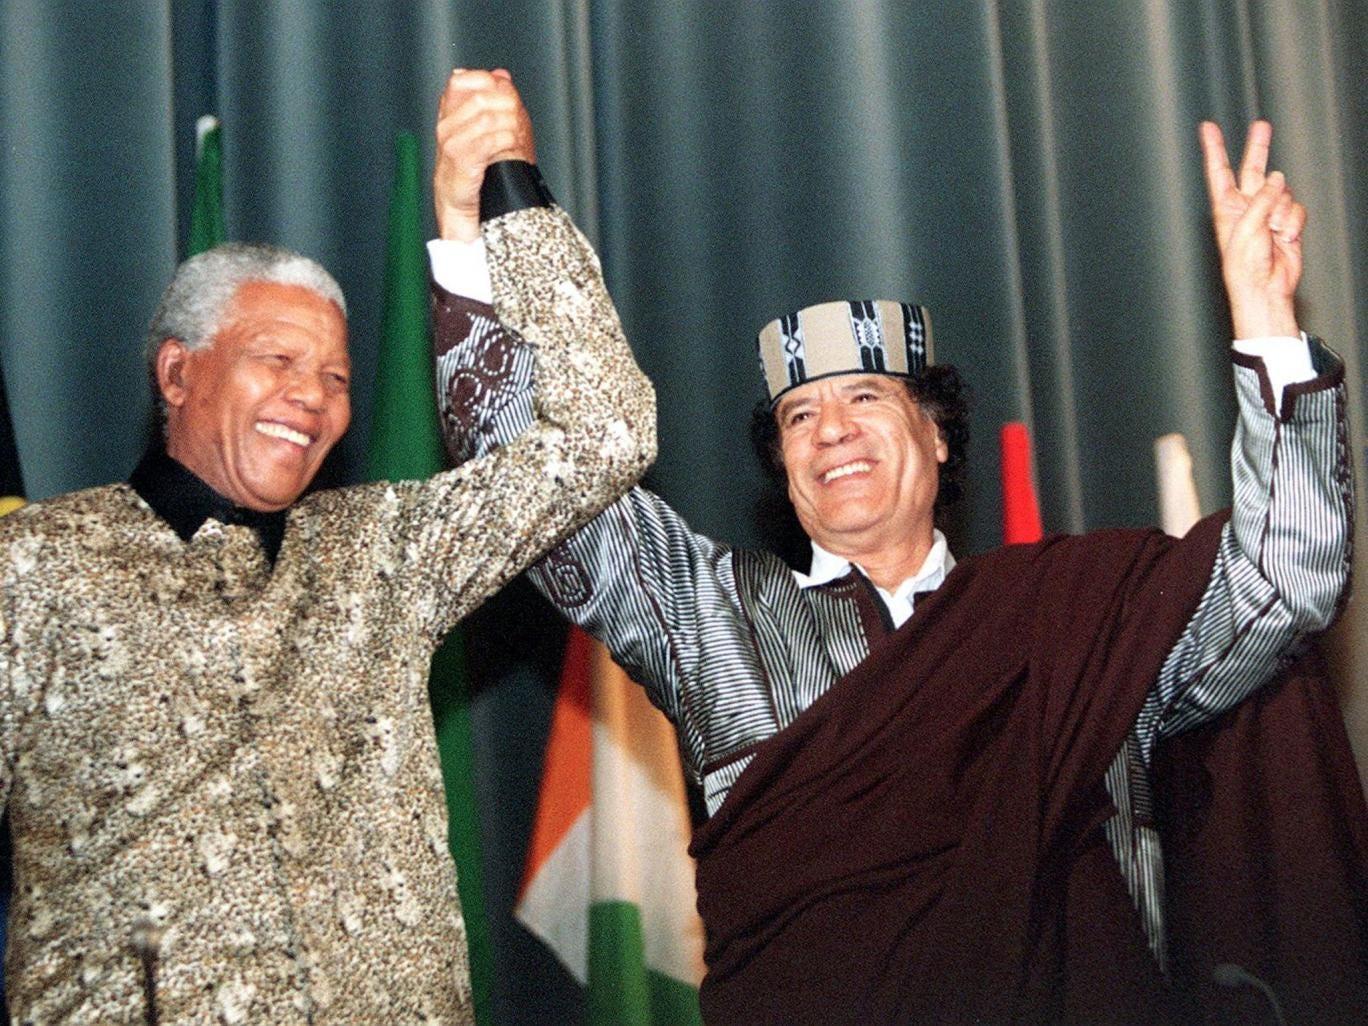 Nelson Mandela forged a close relationship with Libya's Muammar Gaddafi